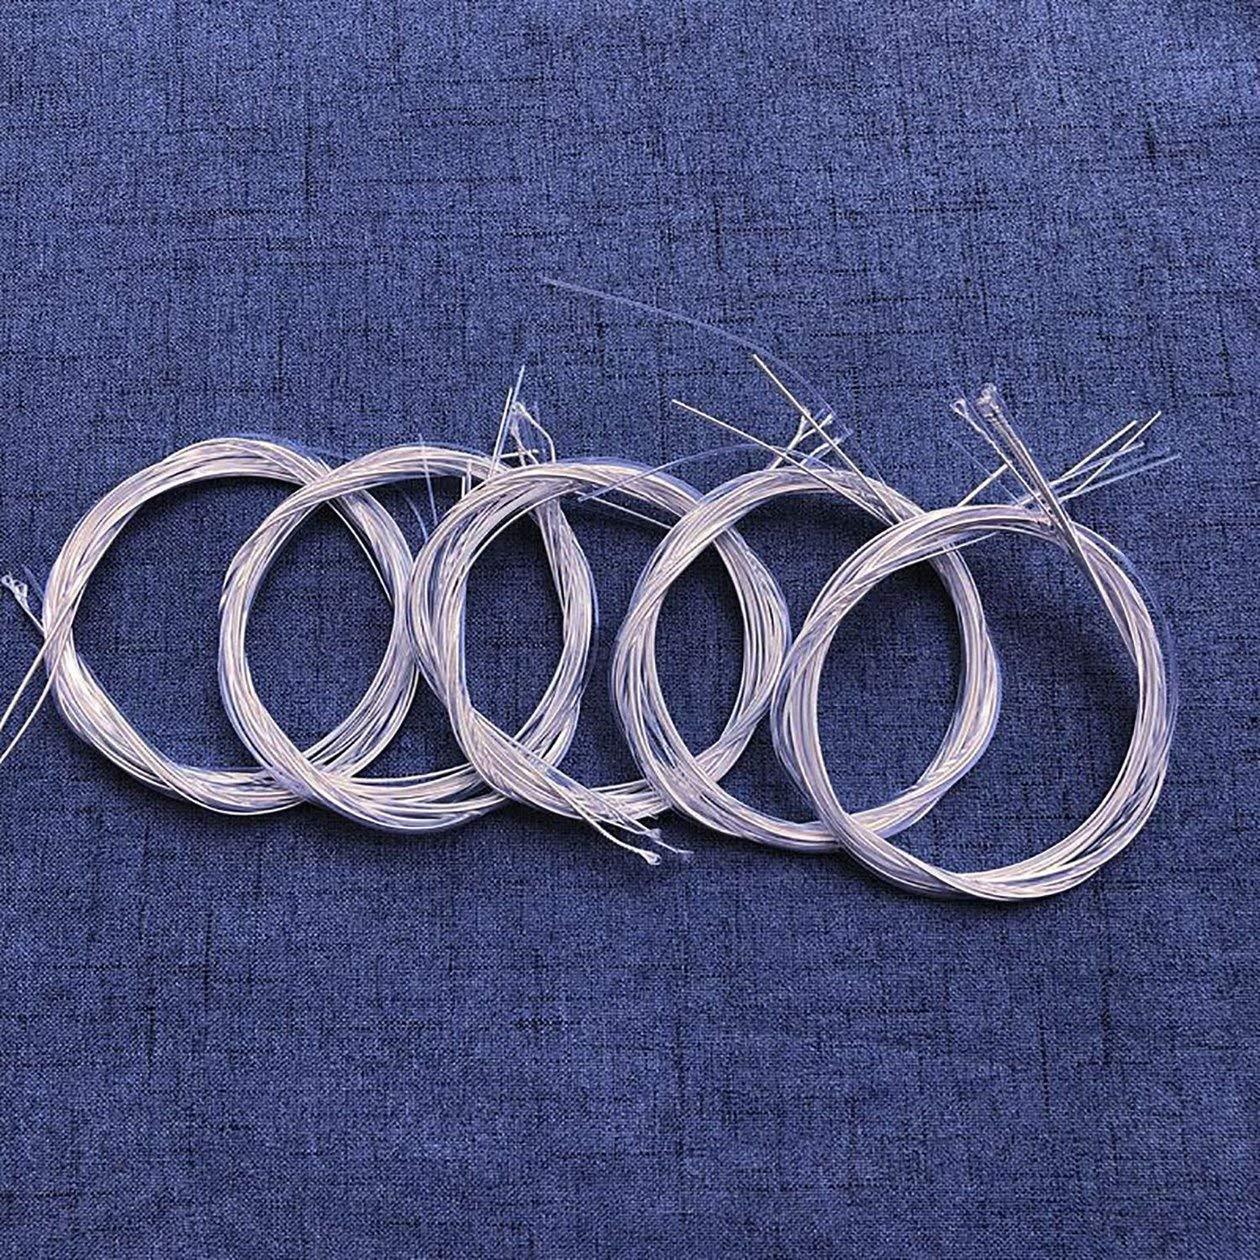 Colore: Bianco HONGIRT Corde per Chitarra Classica 6 Pezzi Set Corde in Nylon Trasparente Accessori per Strumenti Musicali in Rame Placcato Argento